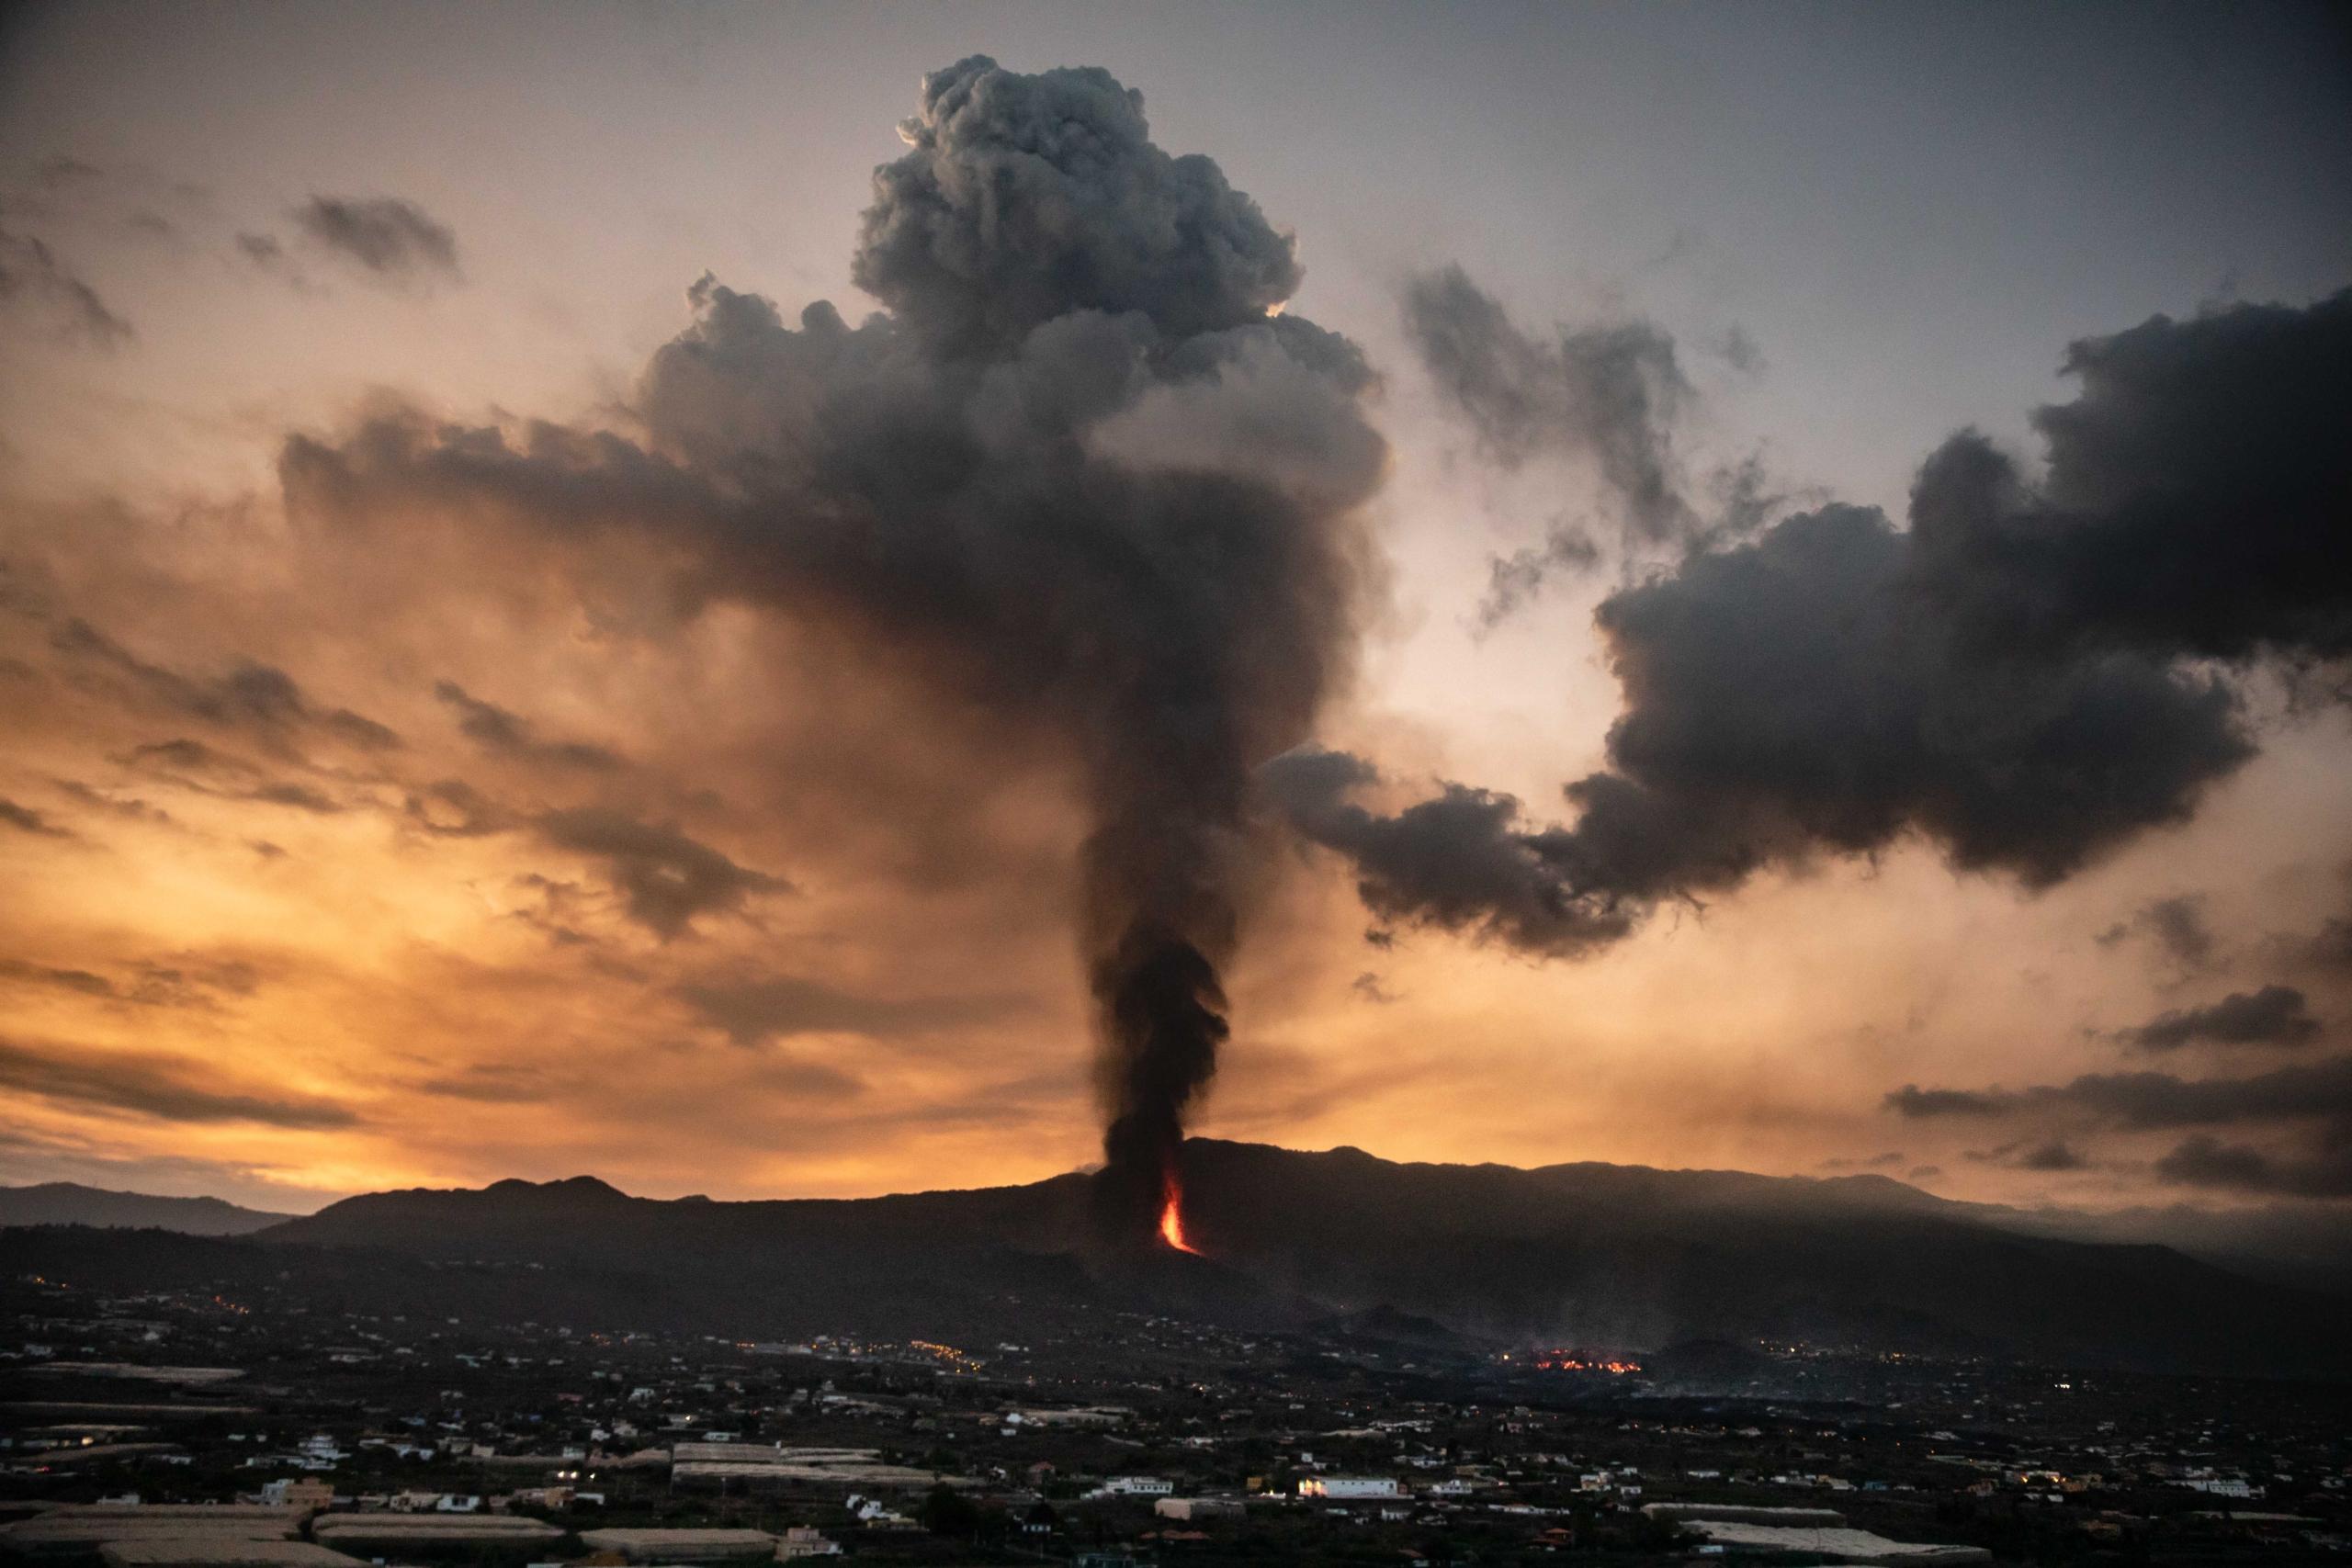 El volcà de 'Cumbre Vieja', a 23 de setembre de 2021, a El Paso, La Palma, Illes Canàries / Europa Press